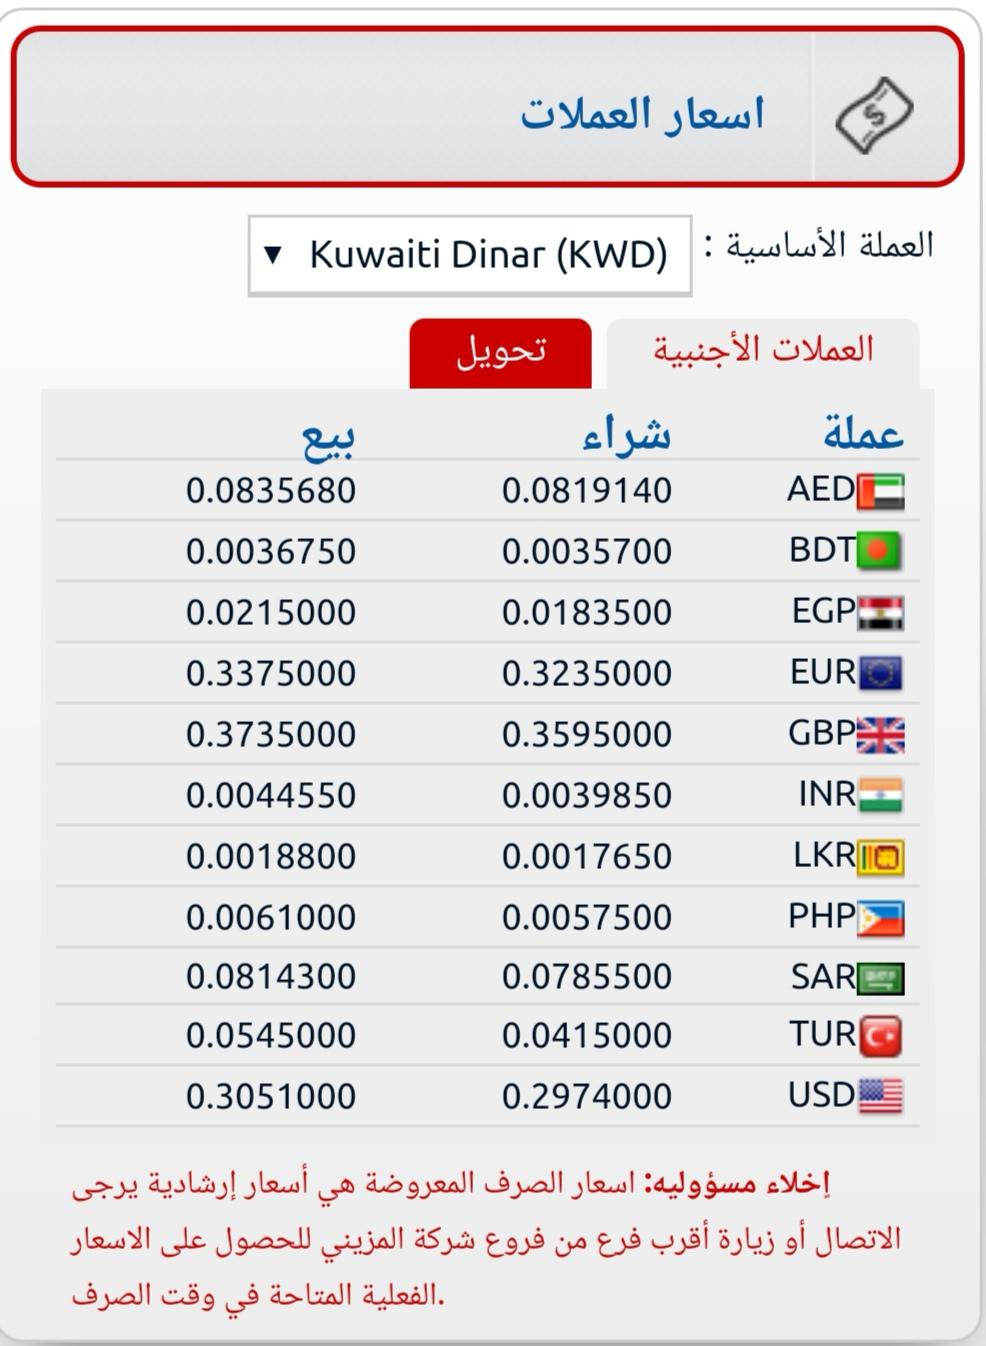 اسعار المزينى للصرافة اليوم سعر الالف المصري اسعار العملات فى الكويت الان المزيني للصرافة ٤ سبتمبر